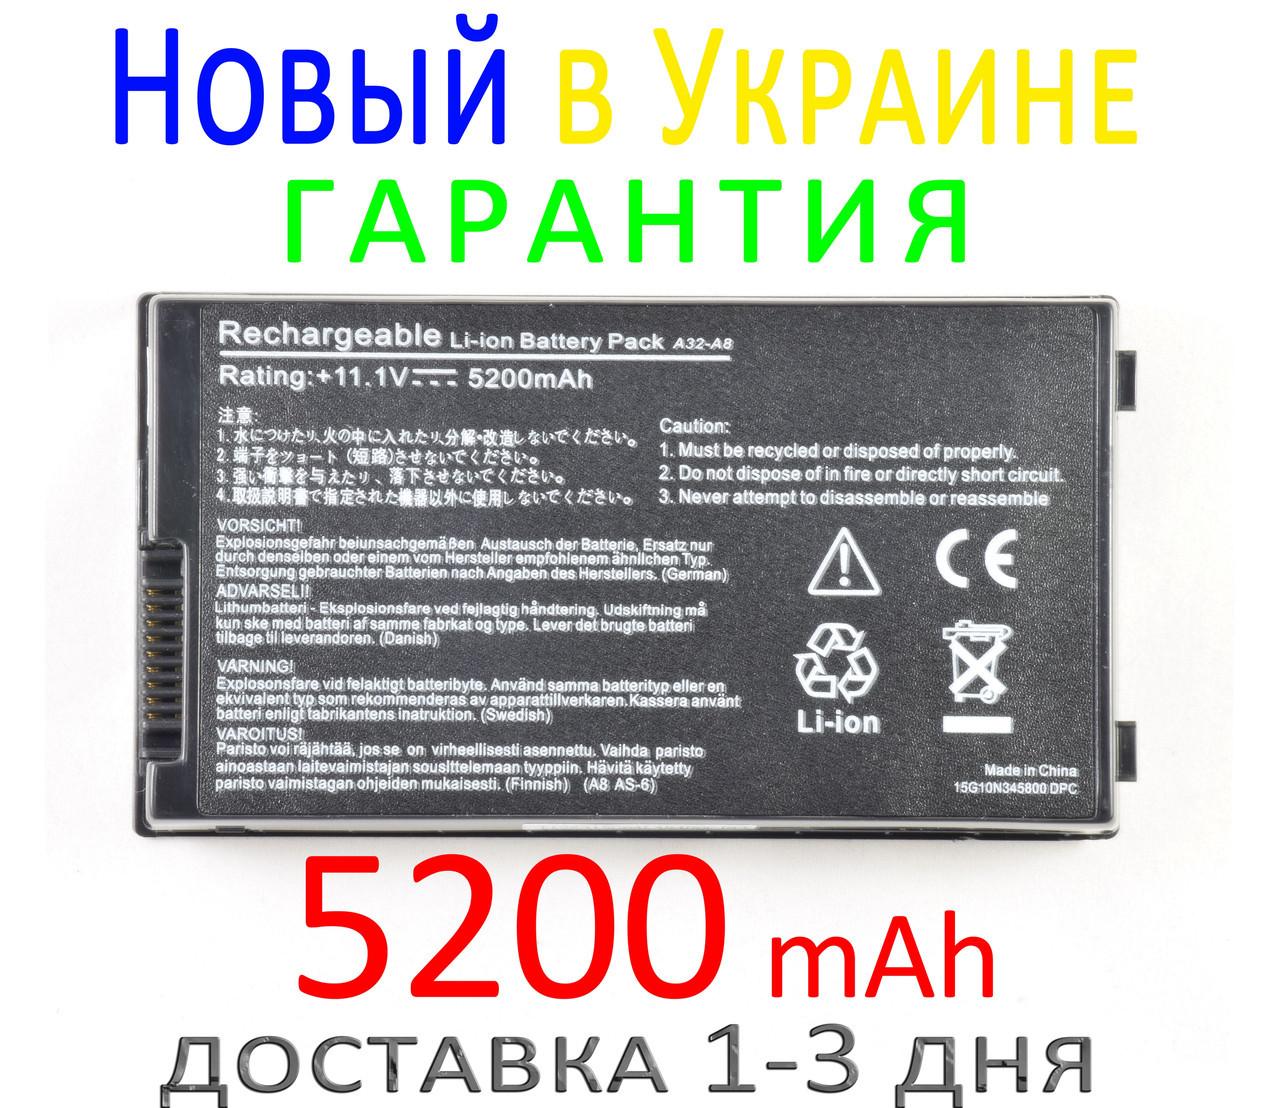 Аккумулятор батарея Asus N80 Vc Vm Vn Vr N81Vf